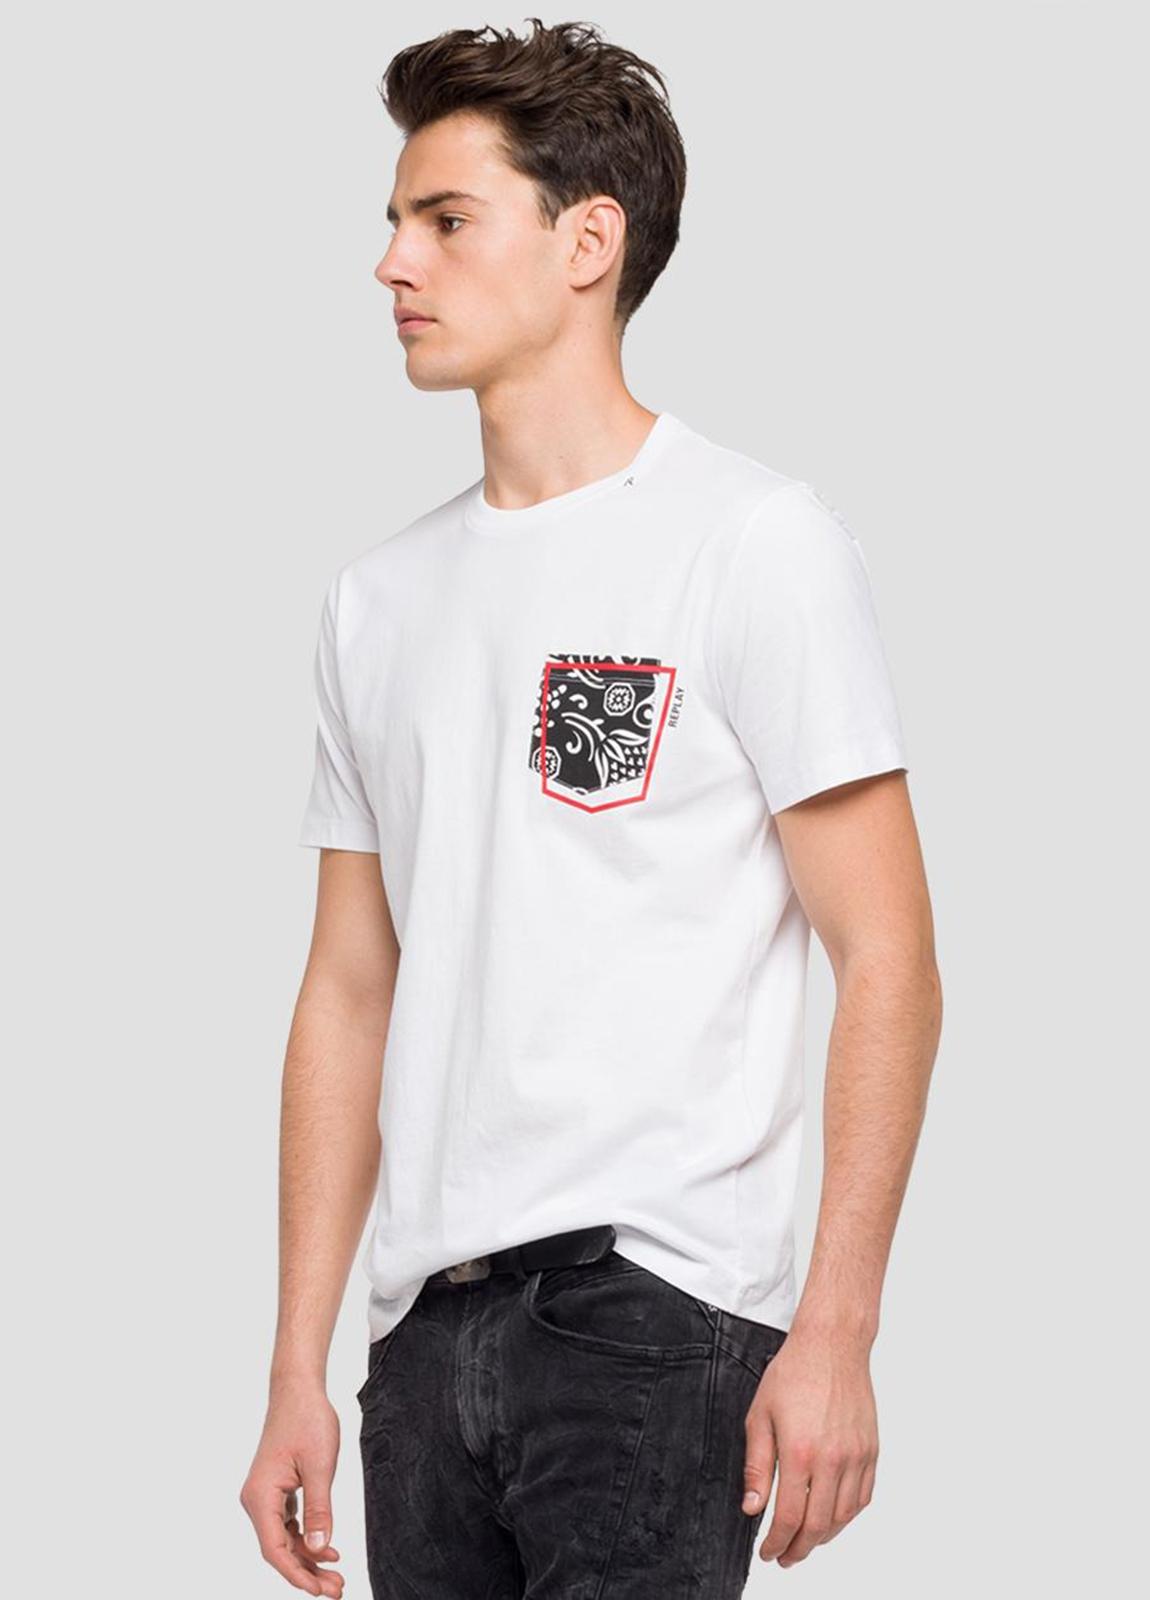 Camiseta manga corta color blanco con estampado en pecho.100% Algodón. - Ítem2